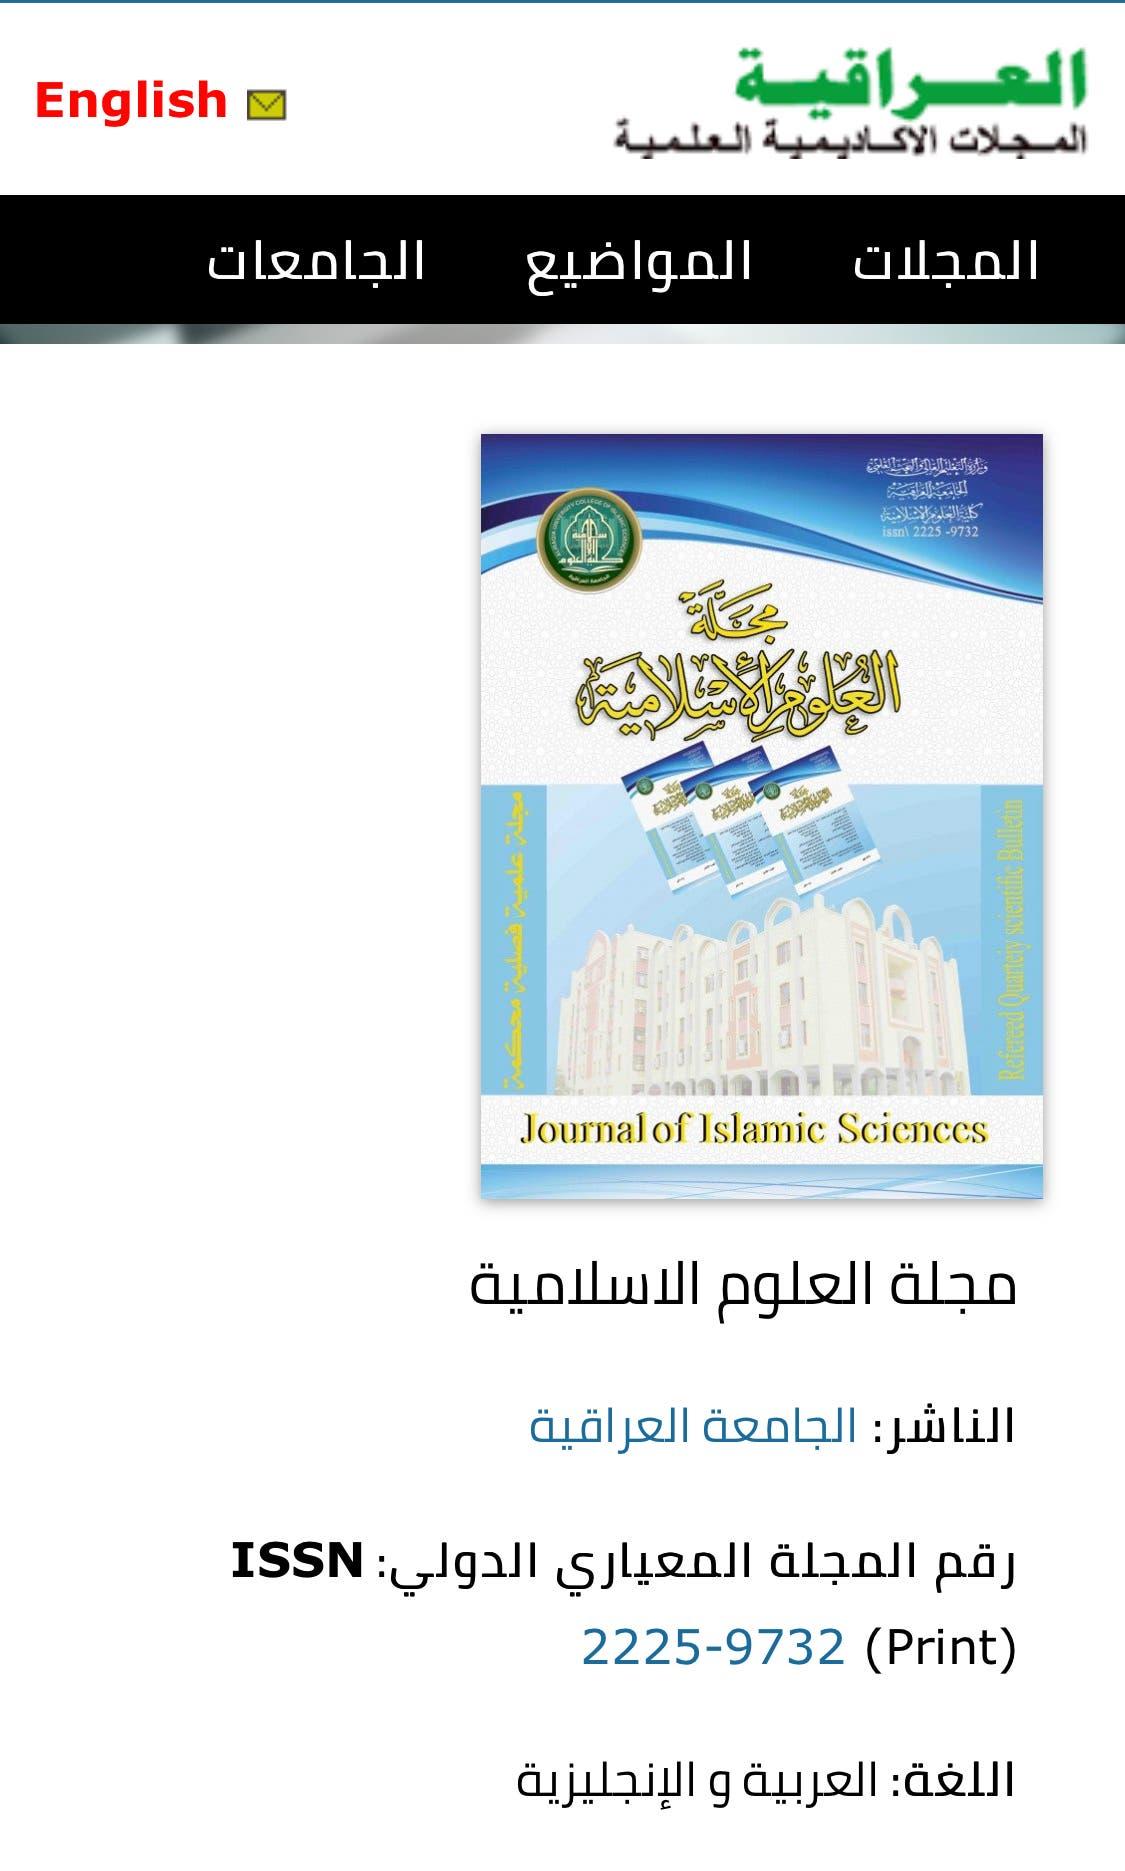 المجلة التي نشرت البحث المسروق